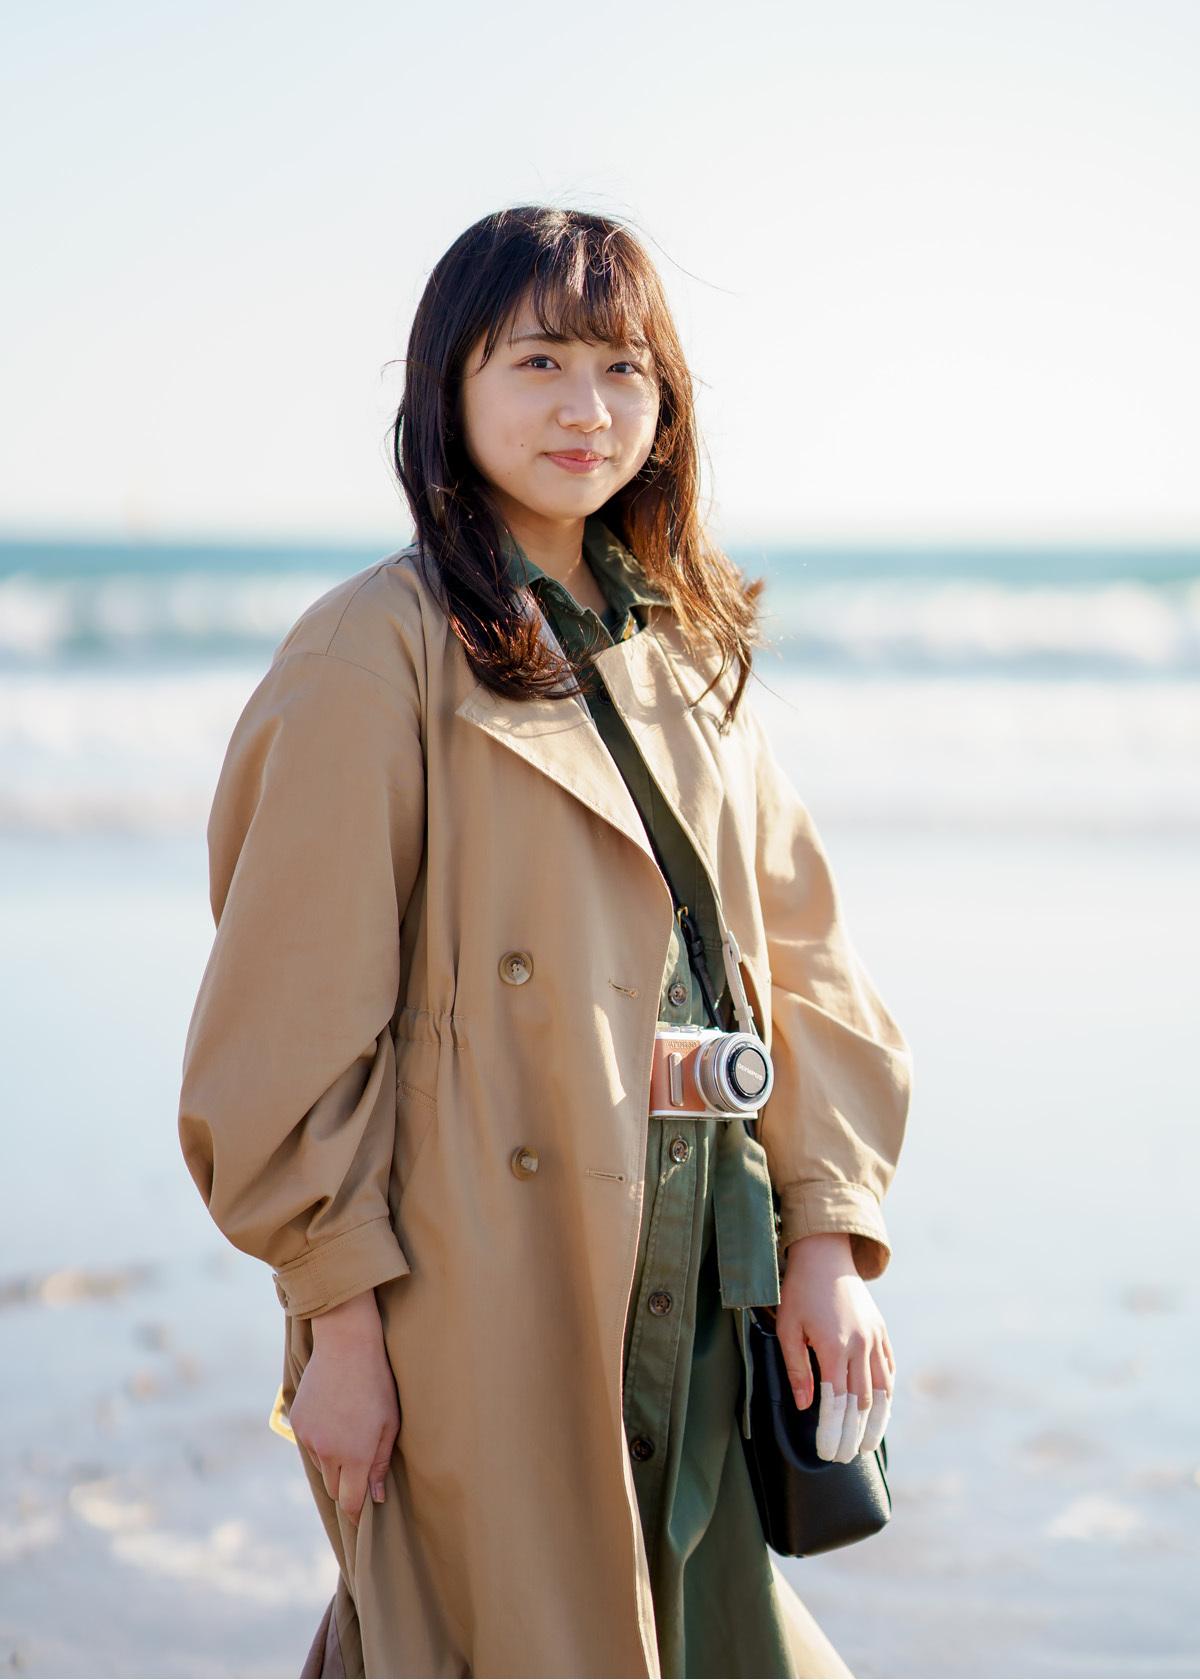 女性誌モデル風_e0367501_23274983.jpg